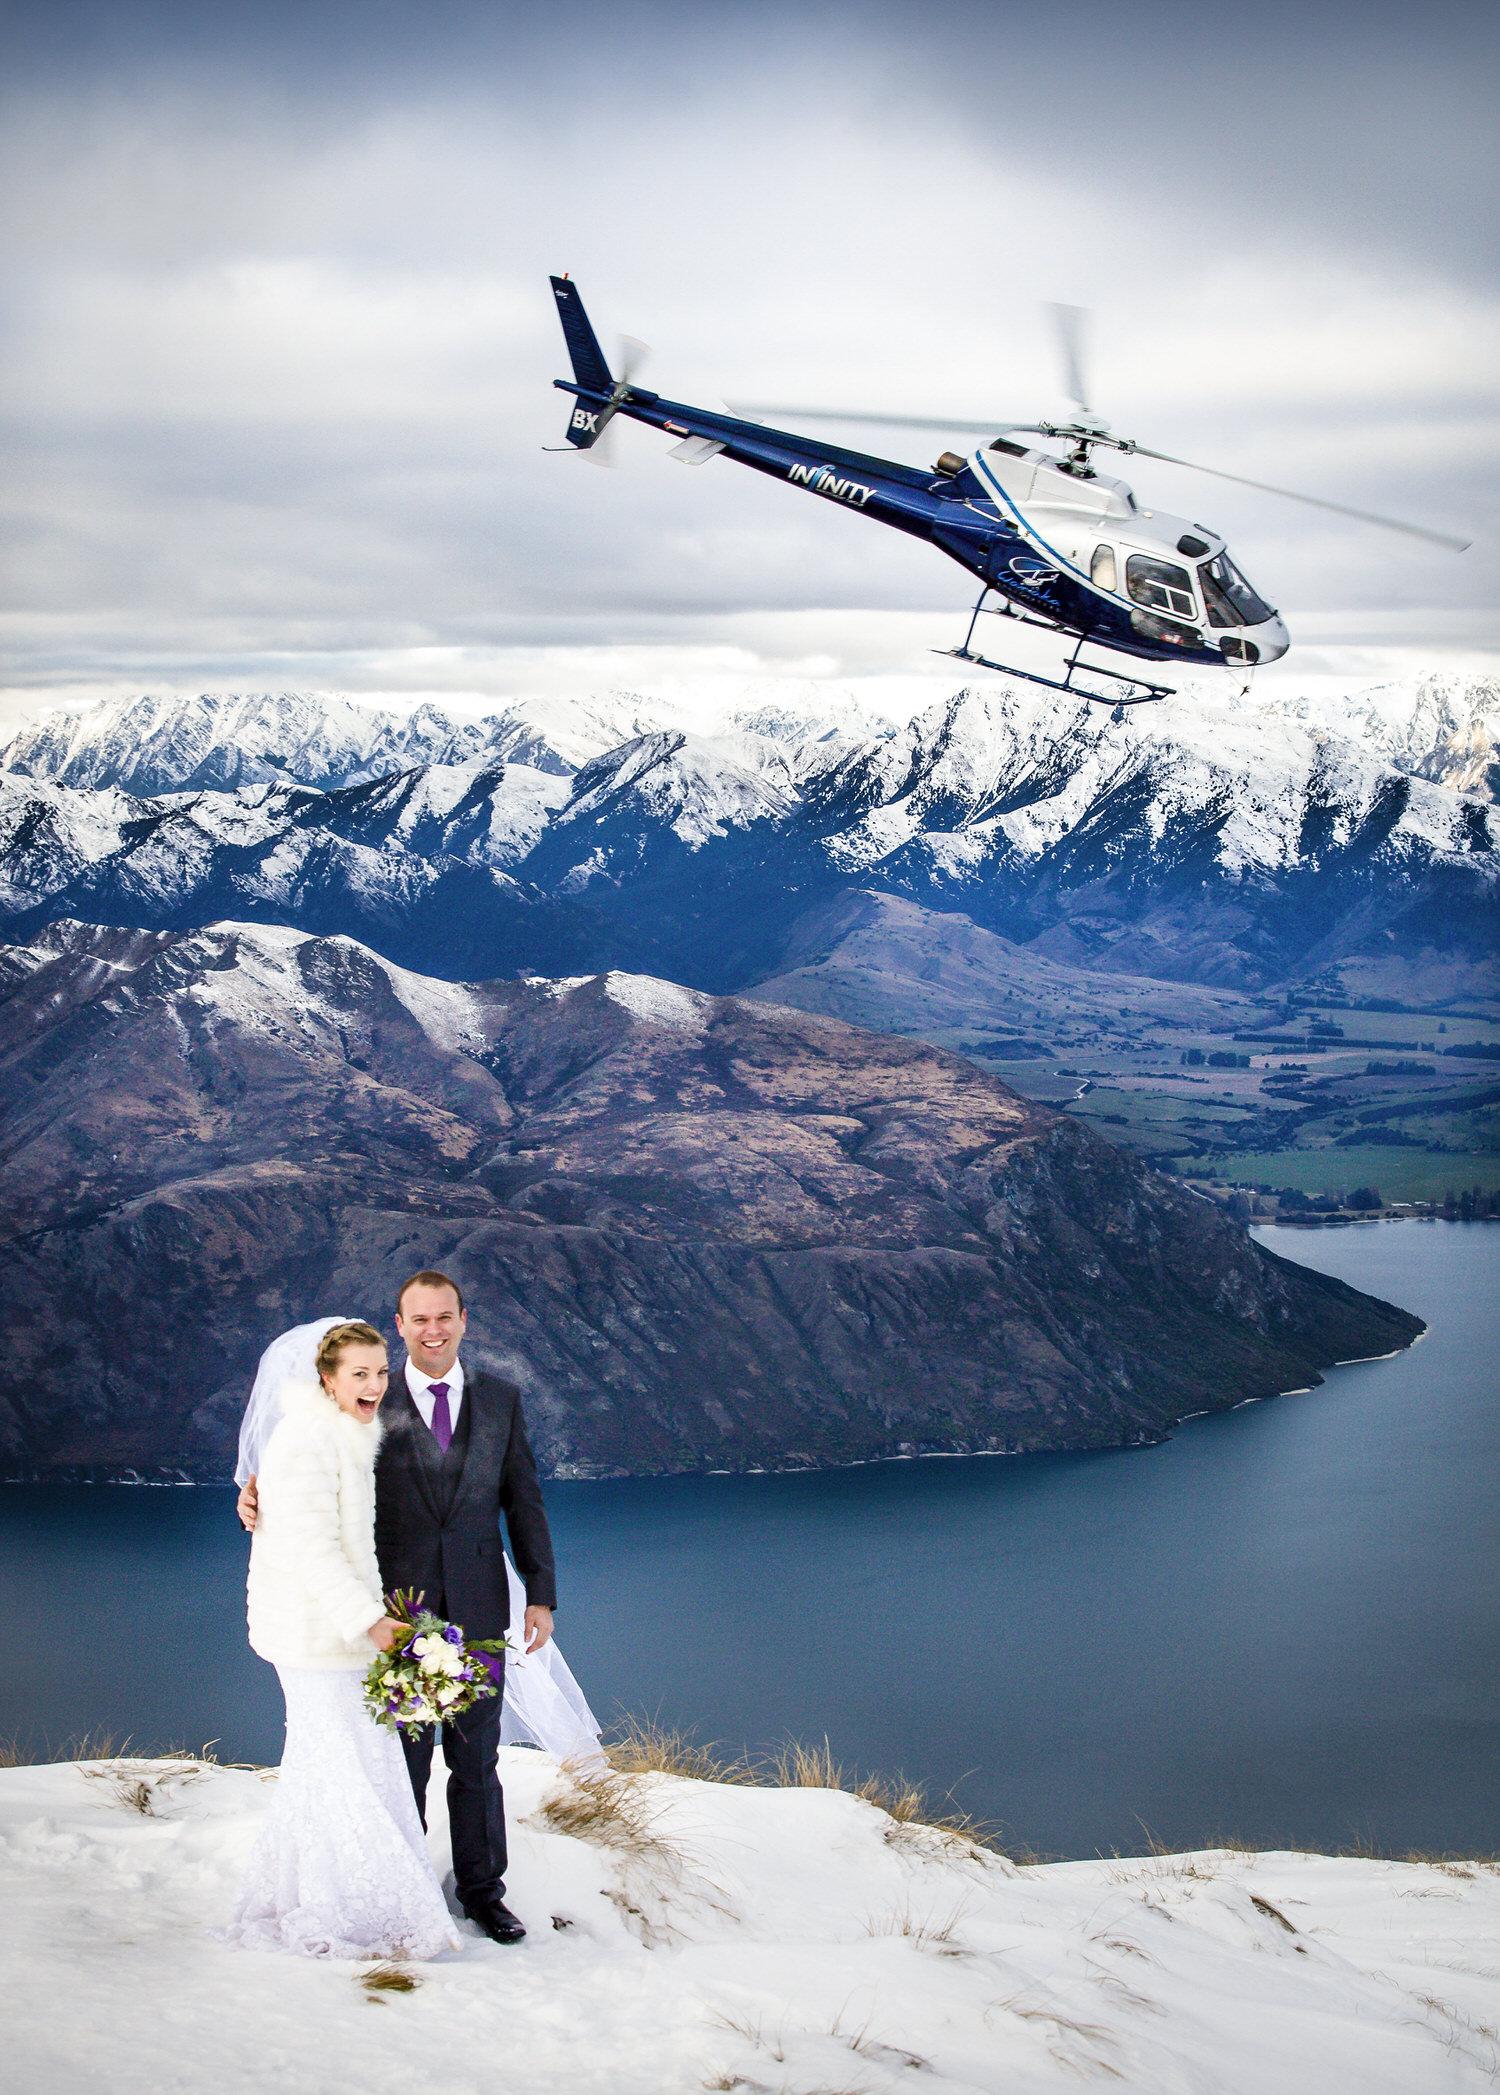 015-bride-groom-helicopter.jpg